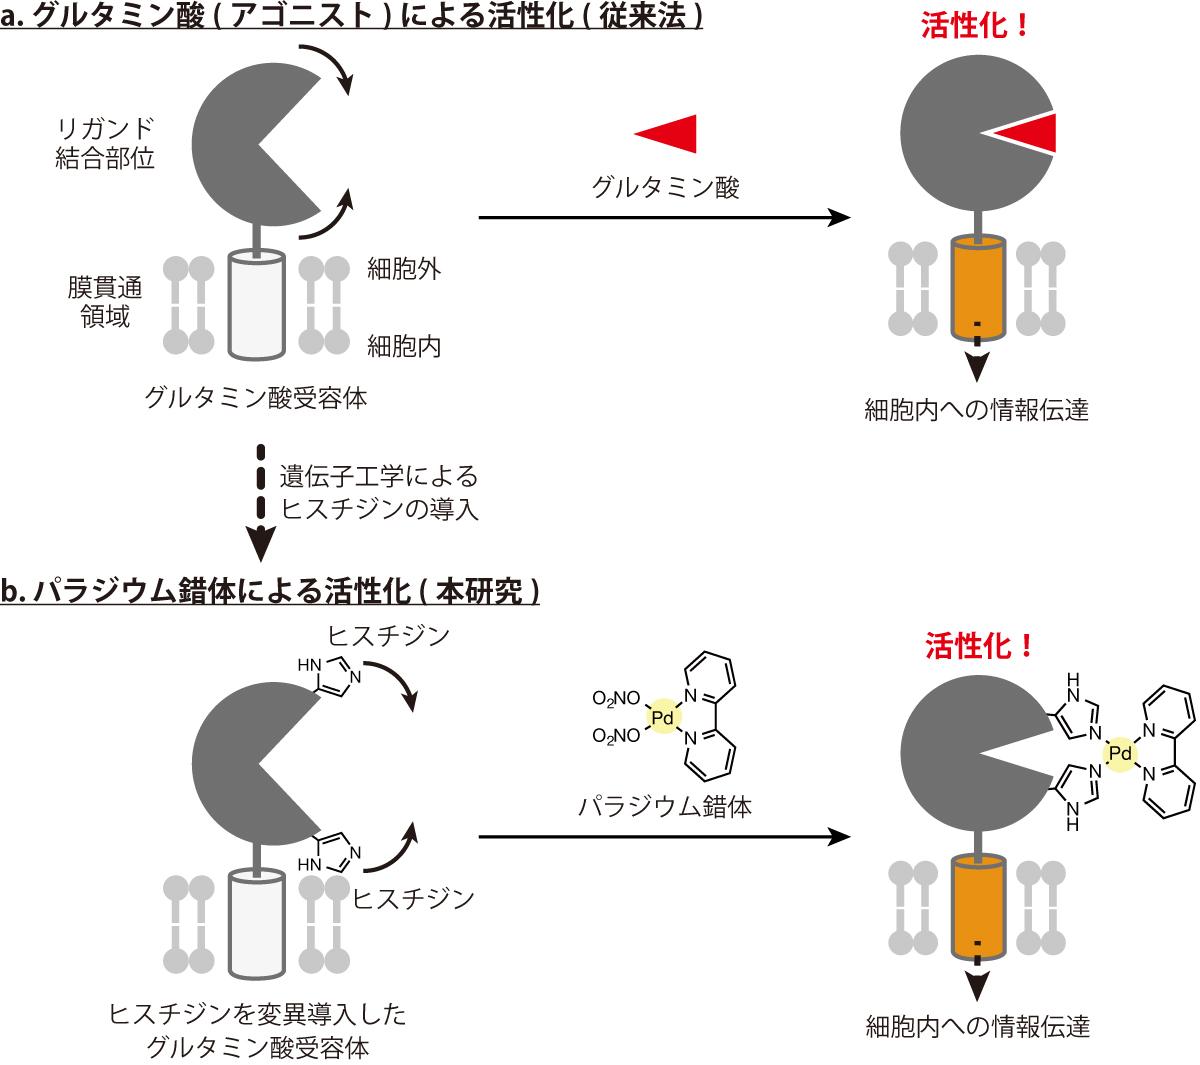 図1:これまでの活性化機構と本研究で提案した活性化手法の模式図